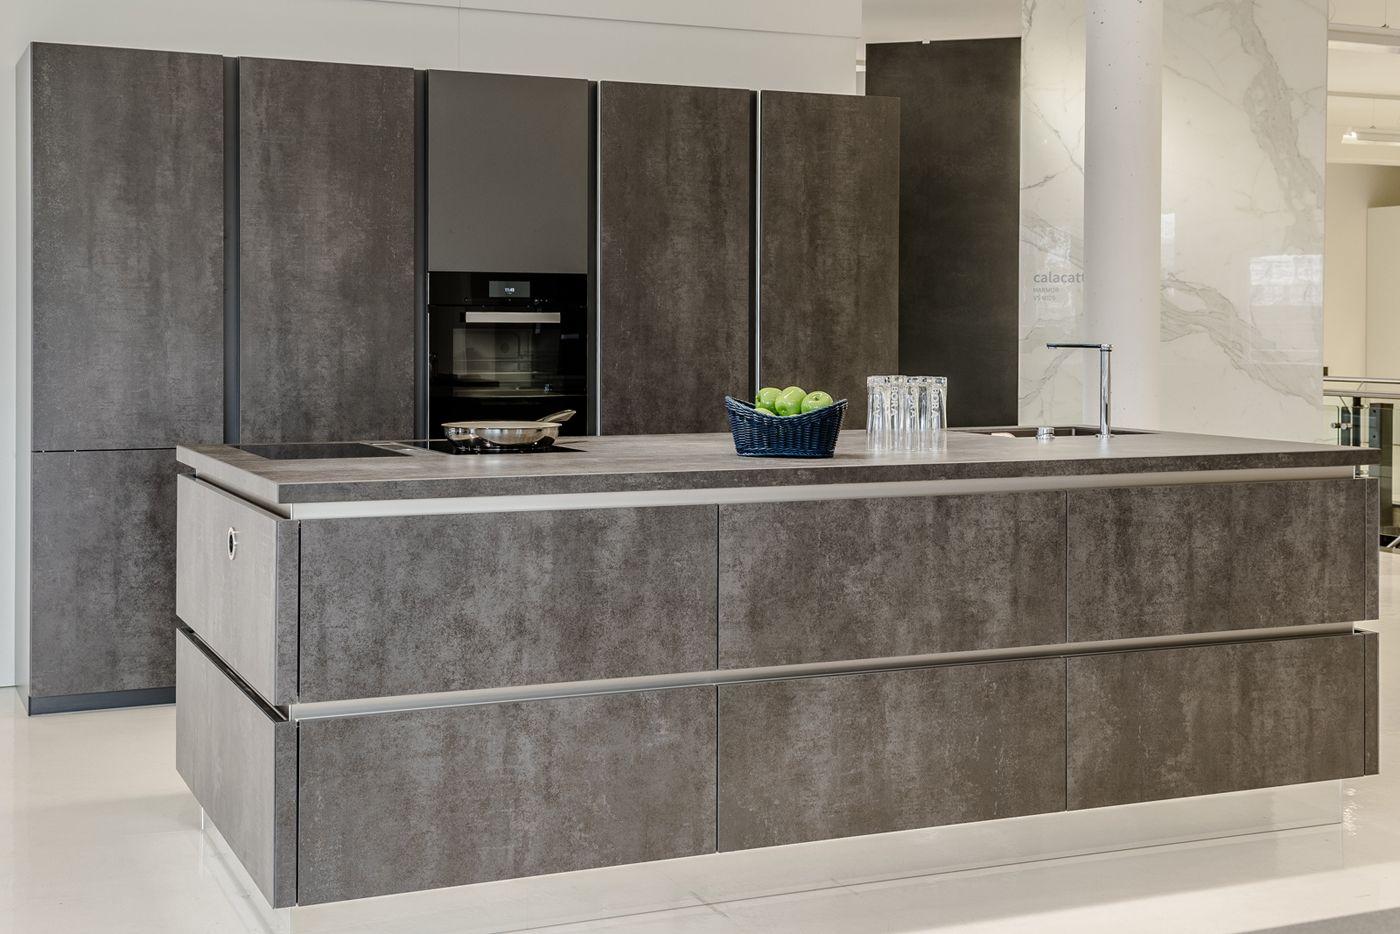 Haecker Küche mit VidroStone Keramik Verkleidung | Küchenausstellung ...